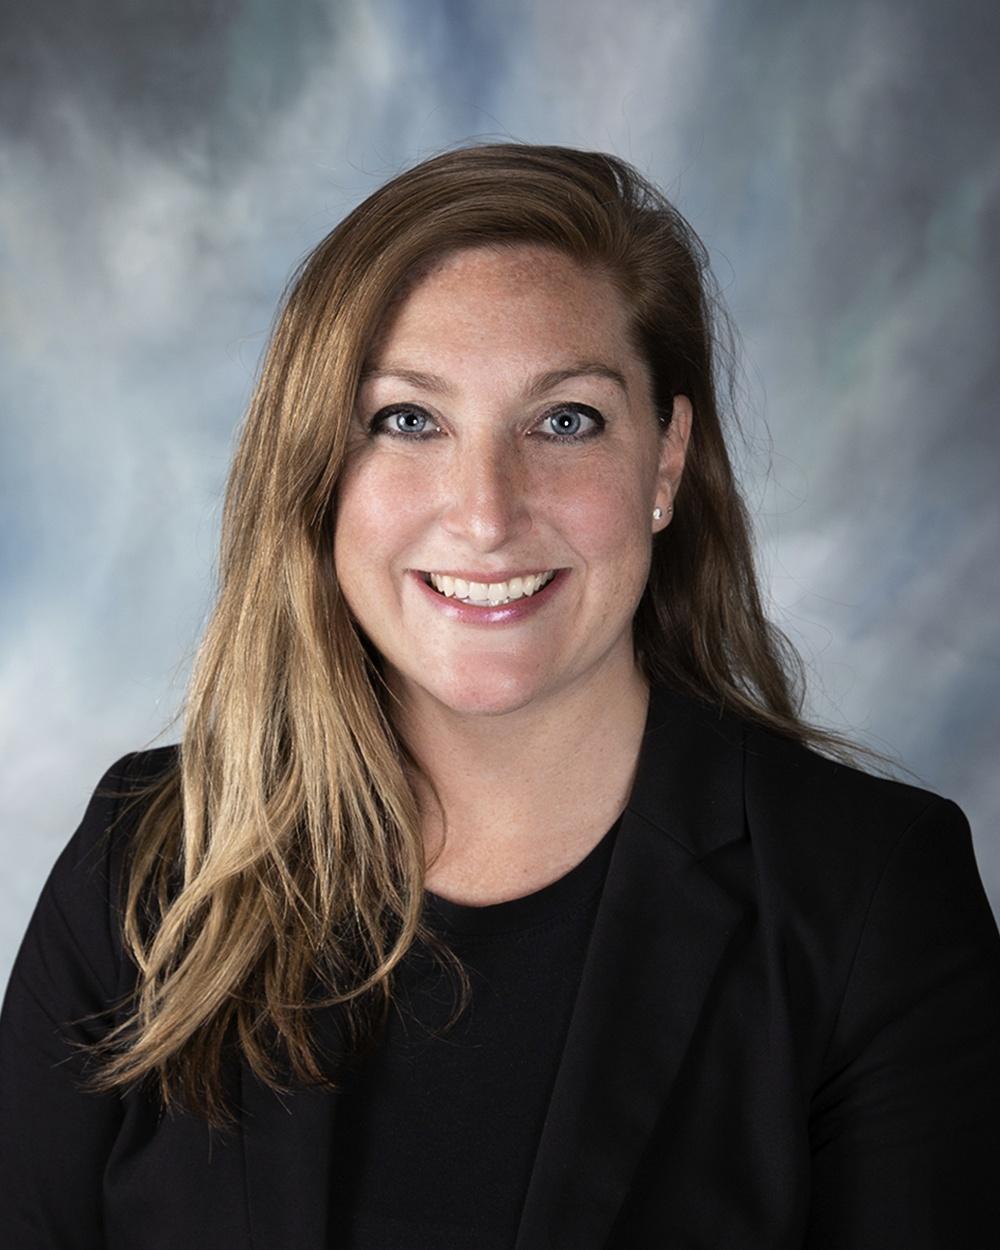 Miss Carrie Schultz